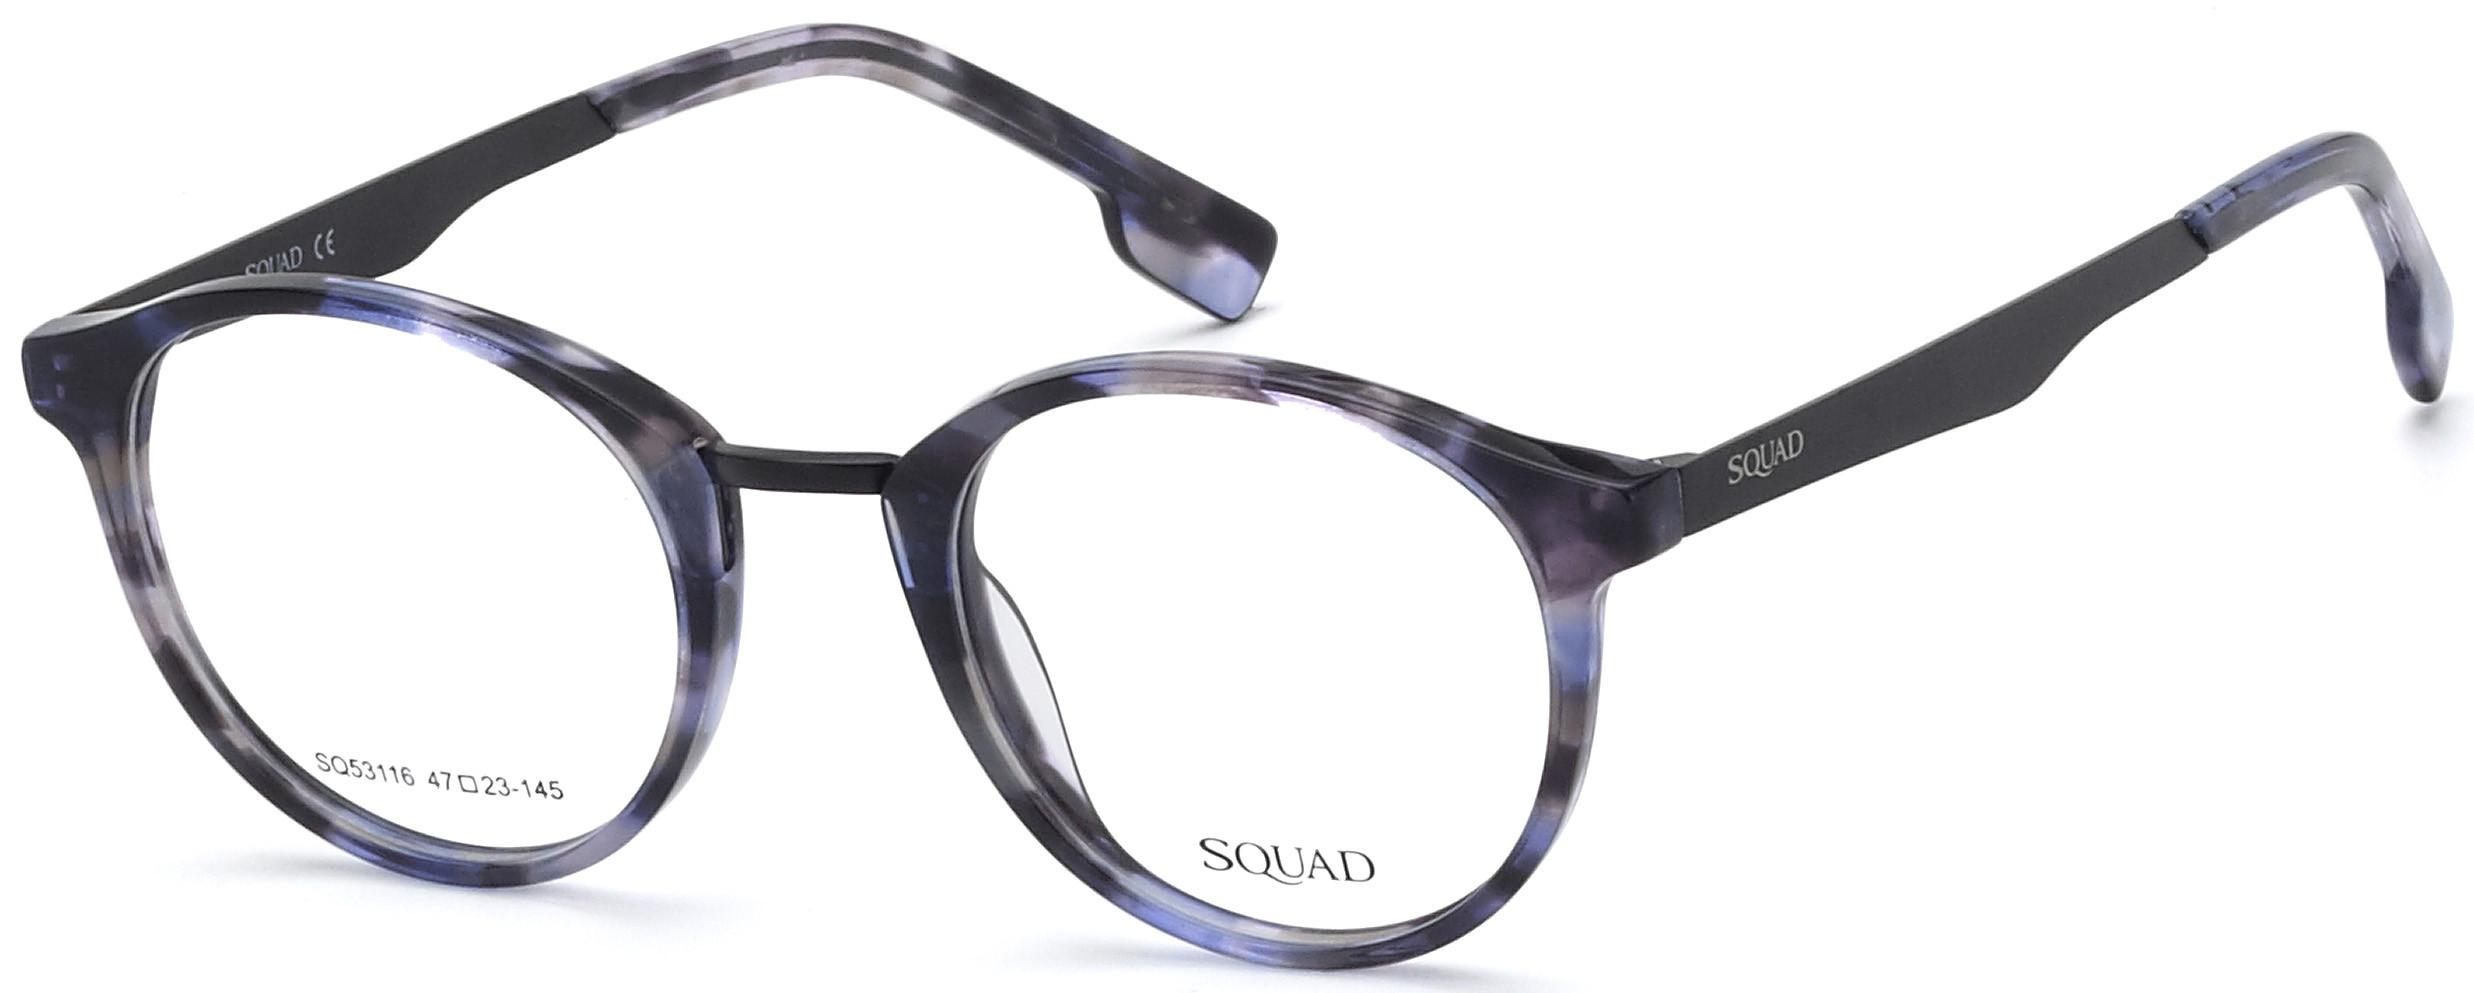 Gafas graduadas SQUAD SQ 53116 C3